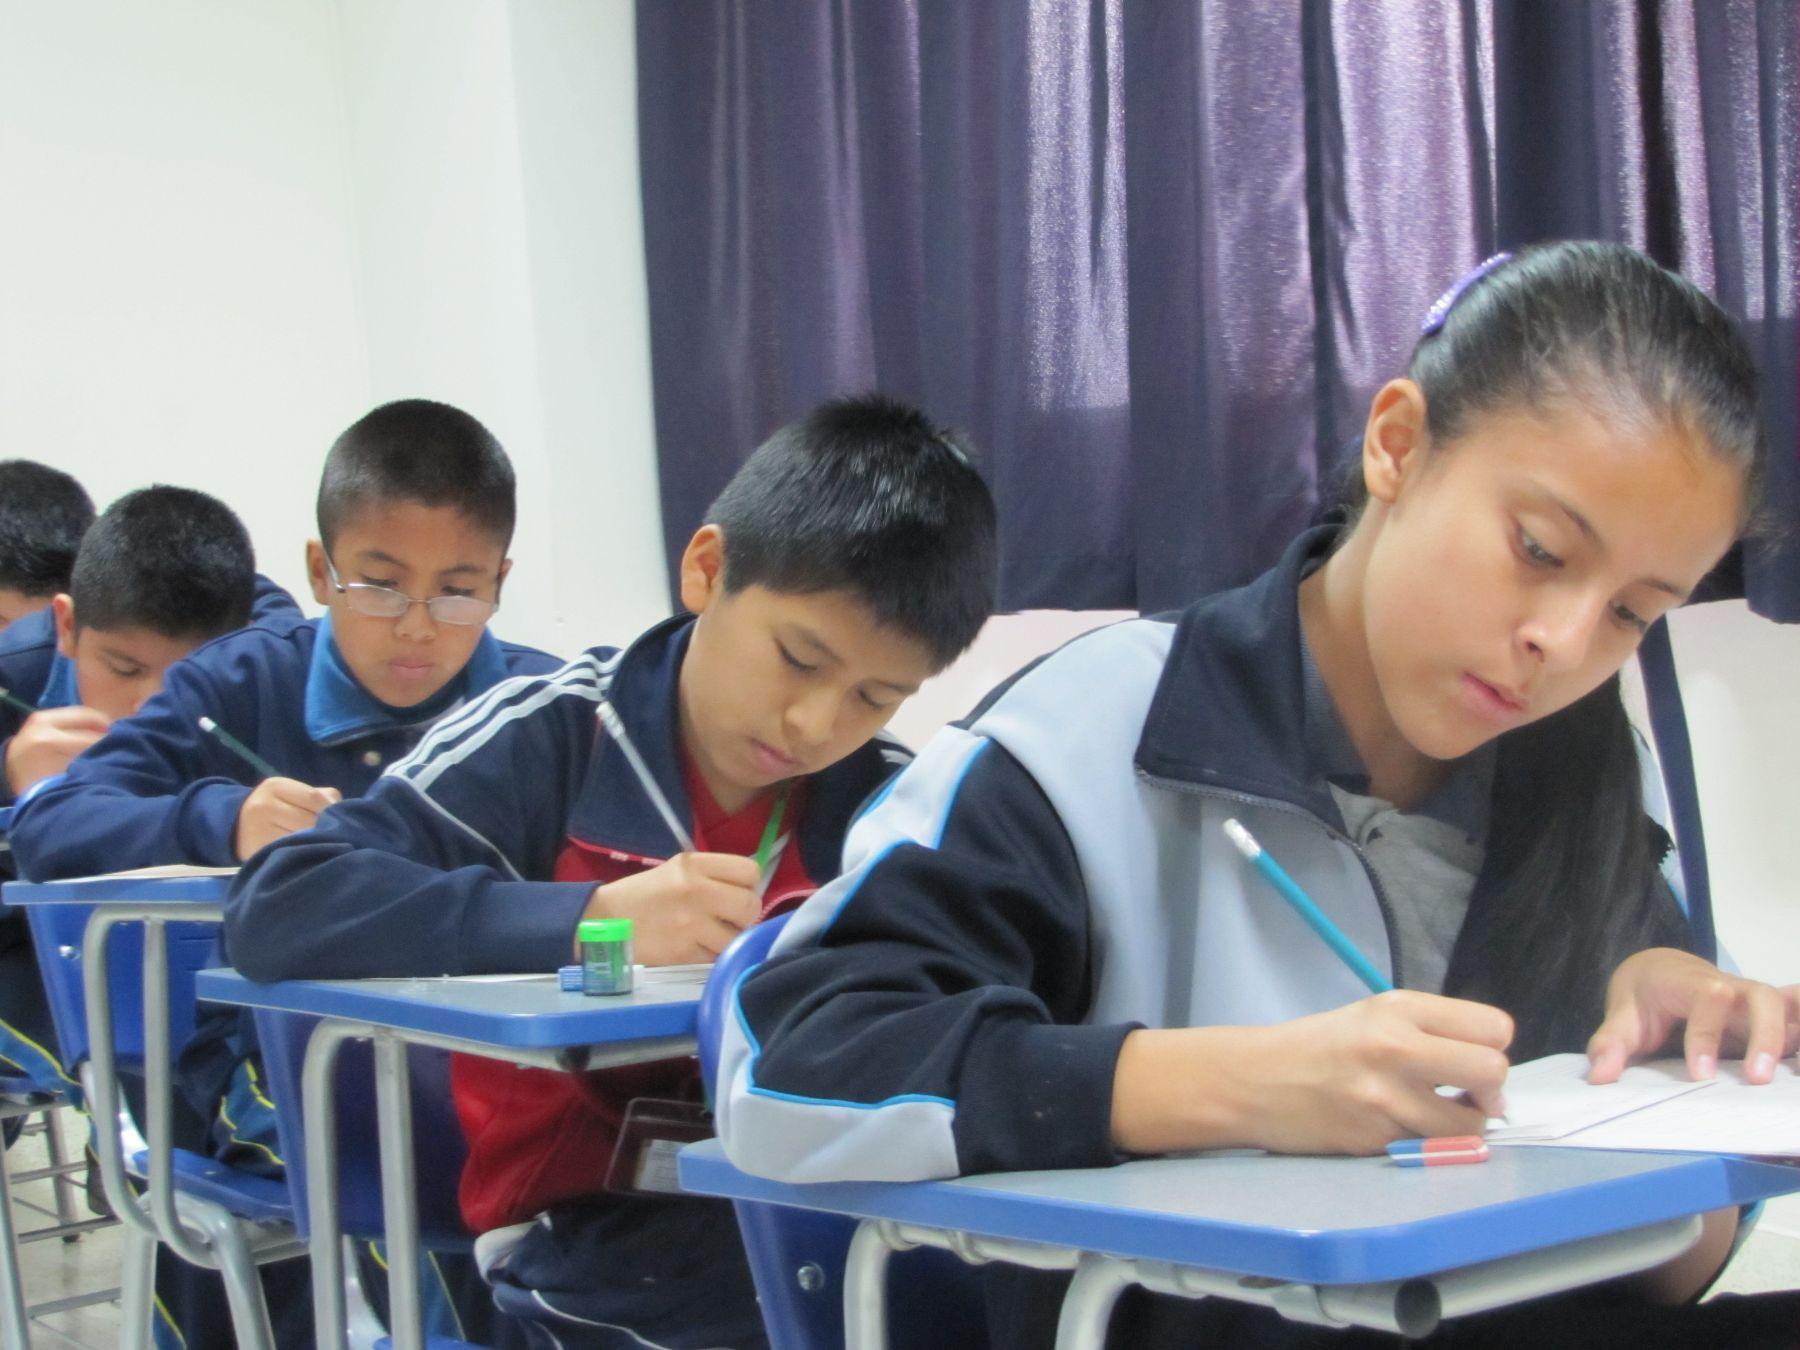 Estudiantes de primaria participarán mañana y el miércoles en evaluación internacional. Foto: ANDINA/Difusión